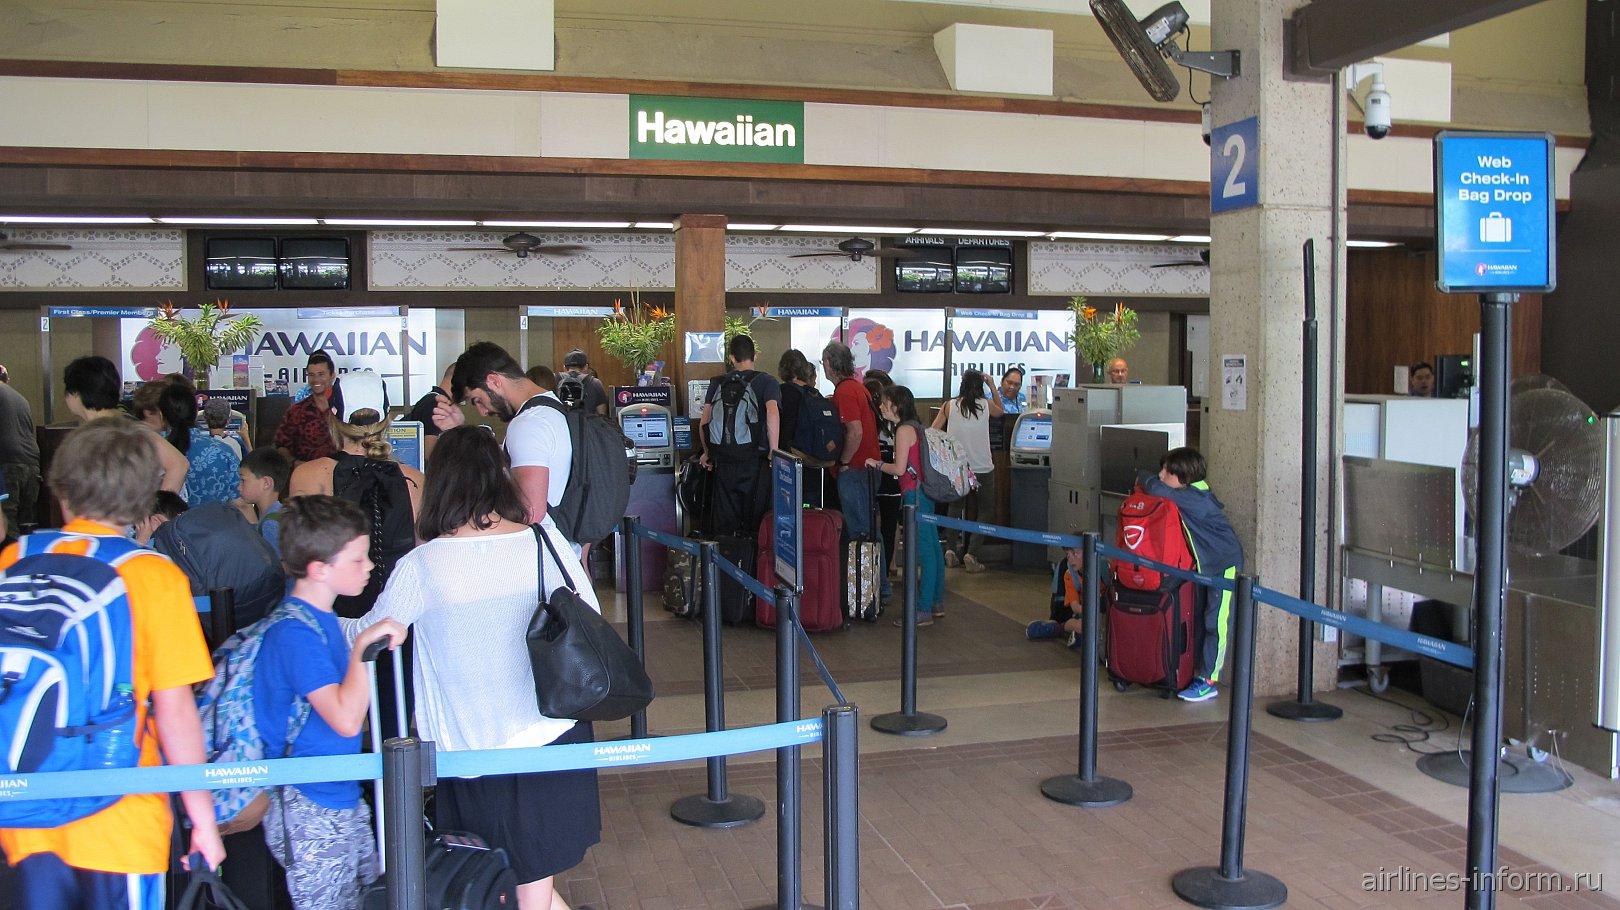 Регистрация на рейсы Гавайских авиалиний в аэропорту Лихуэ